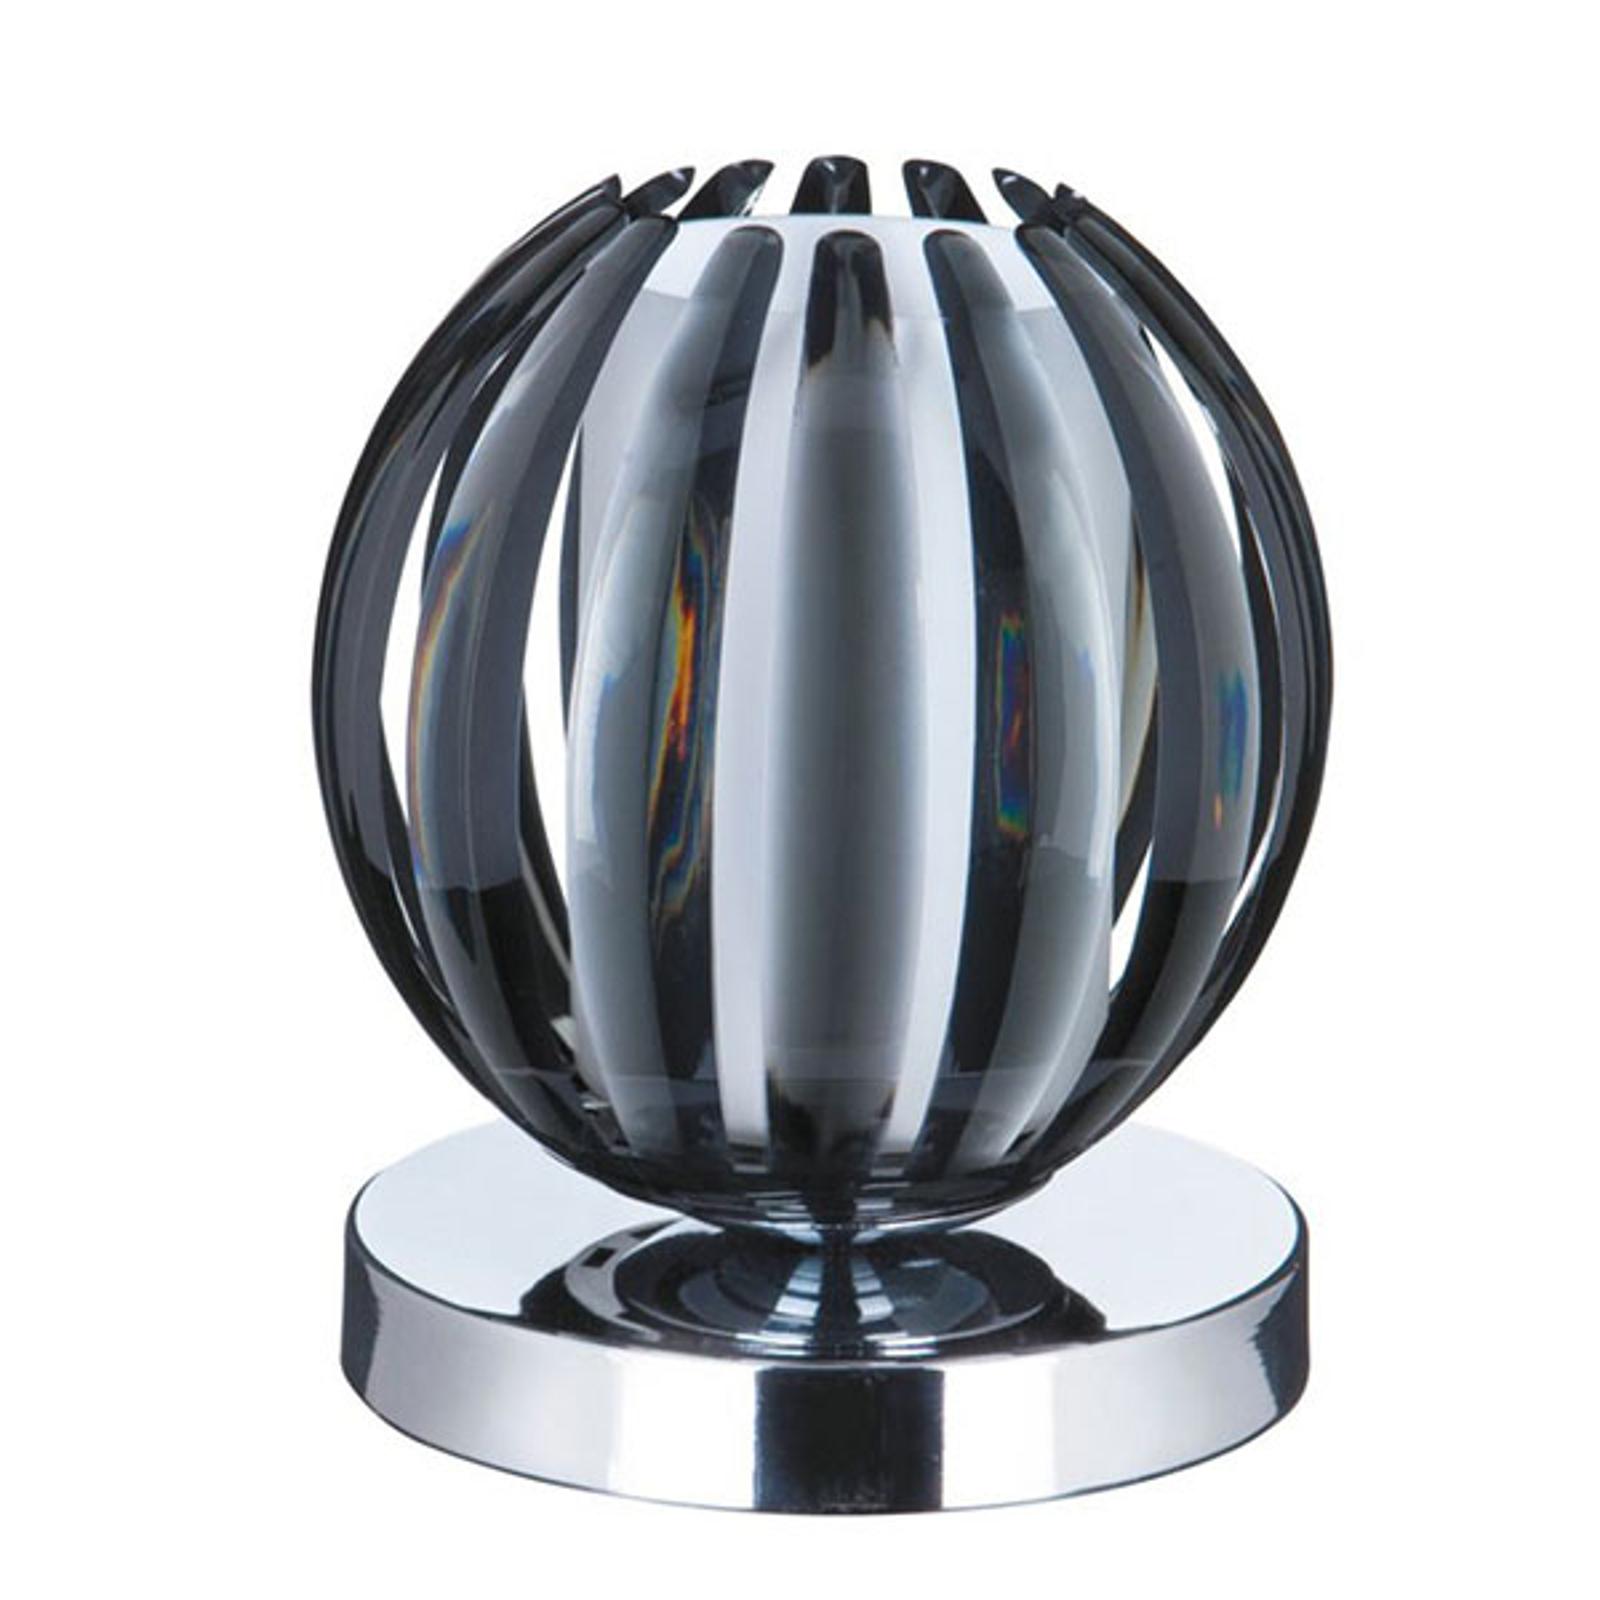 Tafellamp Claw met touchfunctie, kap rook